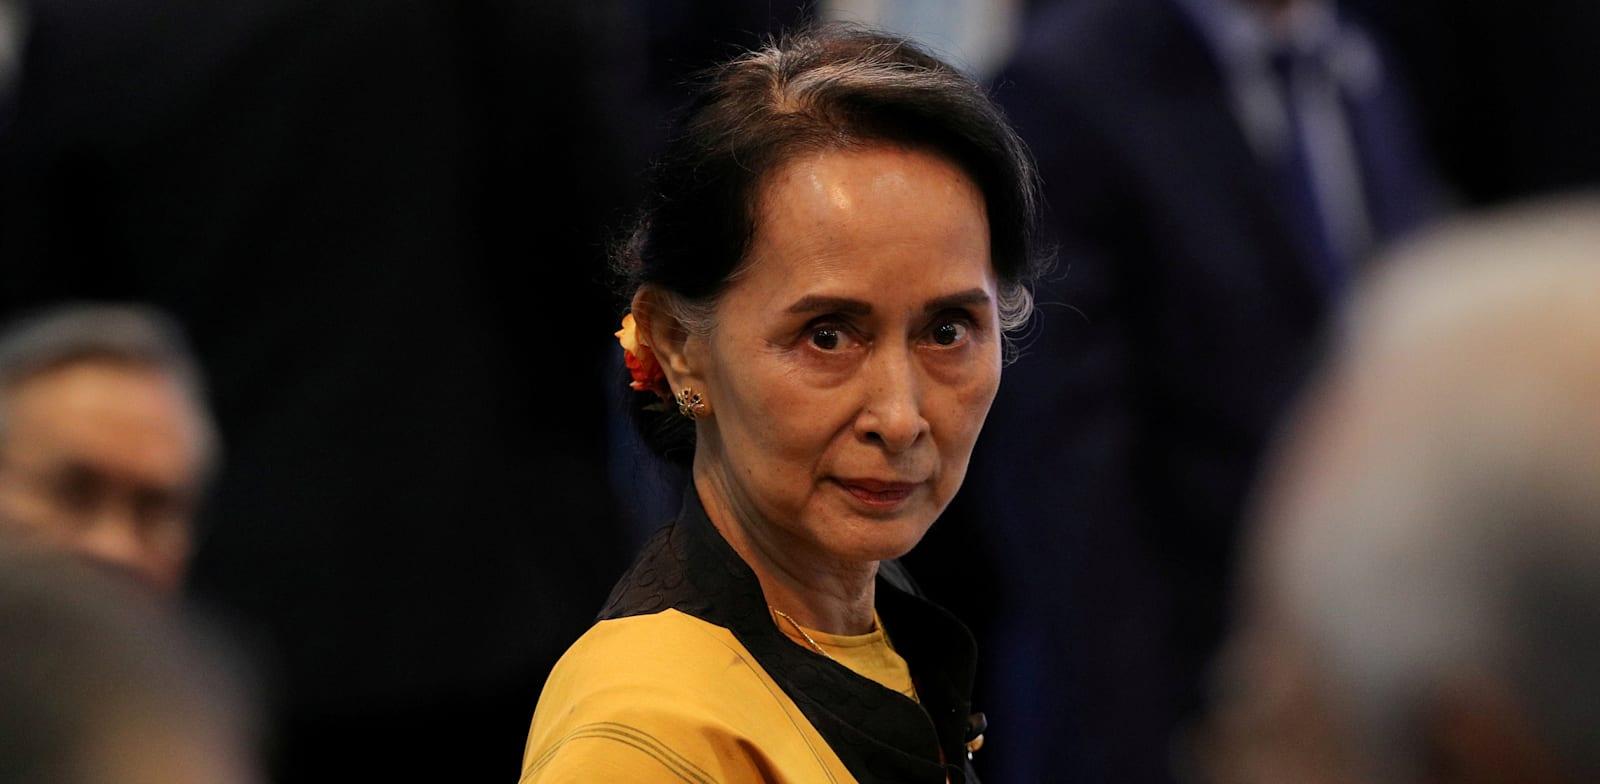 אונג סן סו צ'י, יועצת המדינה של מיאנמר / צילום: Reuters, Athit Perawongmetha